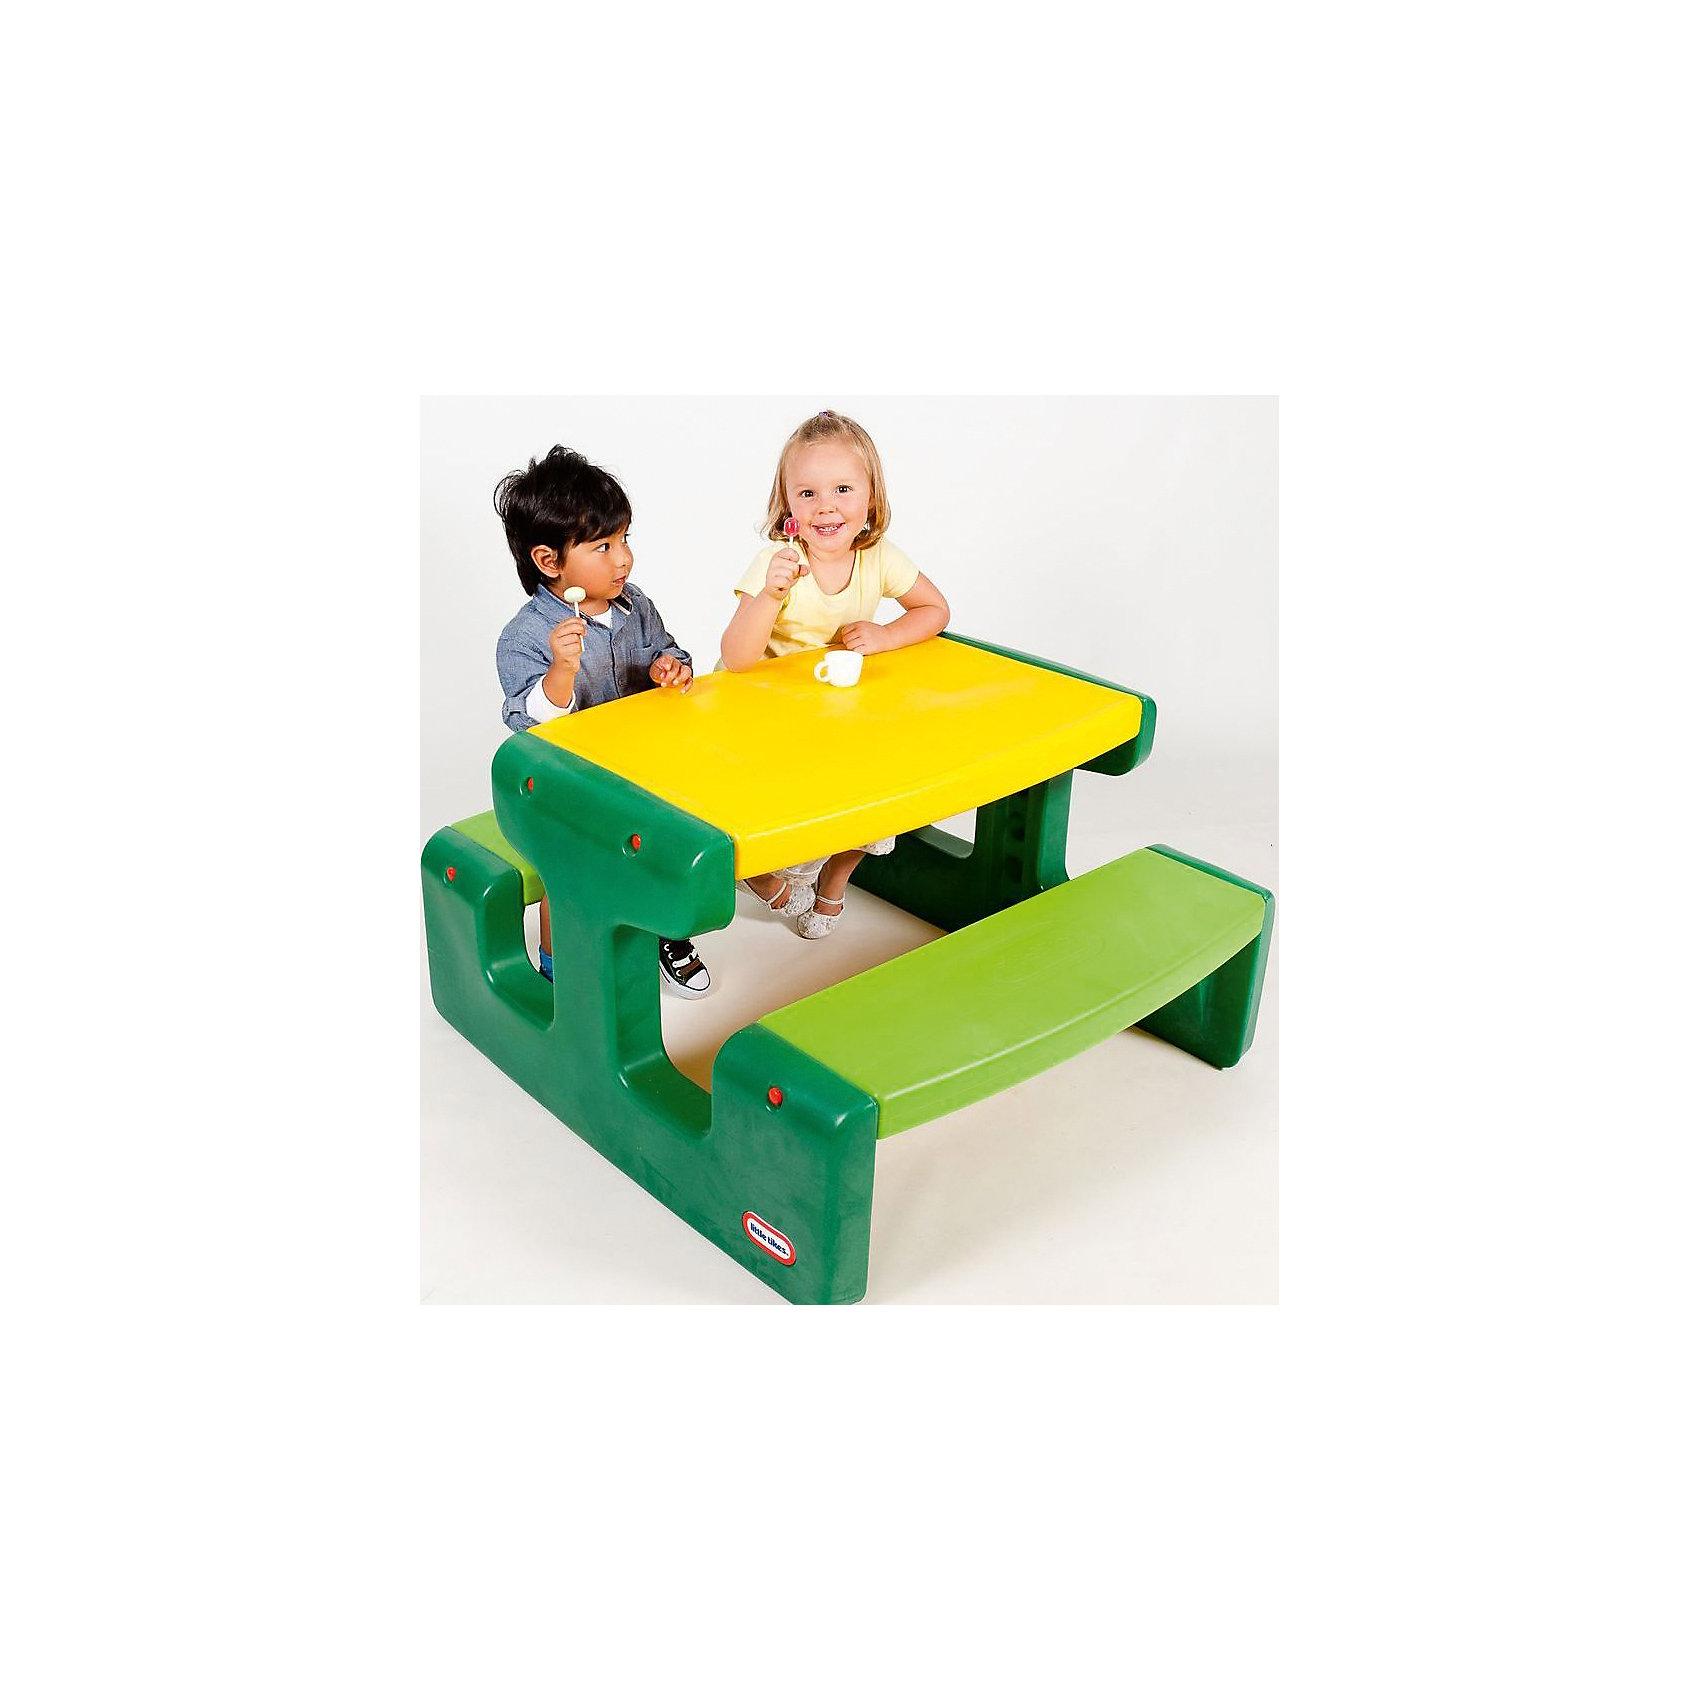 Большой стол для пикника, Little TikesБольшой стол для пикника, Little Tikes (Литтл Тайкс) отлично пригодится для различных детских игр на природе или в доме. Он выполнен в ярких зелено-желтых тонах –  такой столик будет прекрасно смотреться на любой лужайке или в интерьере. Две широкие скамеечки расположены друг напротив друга, с обеих сторон стола, и рассчитаны на 4 человек. Столик не имеет острых углов, которые могут травмировать ребенка; с легкостью собирается и разбирается, в сложенном состоянии занимает мало места.  Конструкция прочно скрепляется, что оберегает от случайных падений скамеек и столешницы.  Большой стол для пикника прекрасно подойдет для детских игр на воздухе в летний период!  <br><br>Дополнительная информация:<br><br>-Размер столика: 93х100х55 см.<br>-Размеры в сложенном виде: 94х54х34 см. <br>-Вес в упаковке: 10,9 кг <br>-Материал: пластик <br><br>Большой стол для пикника, Little Tikes (Литтл Тайкс) можно купить в нашем магазине.<br><br>Ширина мм: 960<br>Глубина мм: 345<br>Высота мм: 545<br>Вес г: 10800<br>Возраст от месяцев: 24<br>Возраст до месяцев: 120<br>Пол: Унисекс<br>Возраст: Детский<br>SKU: 4698048